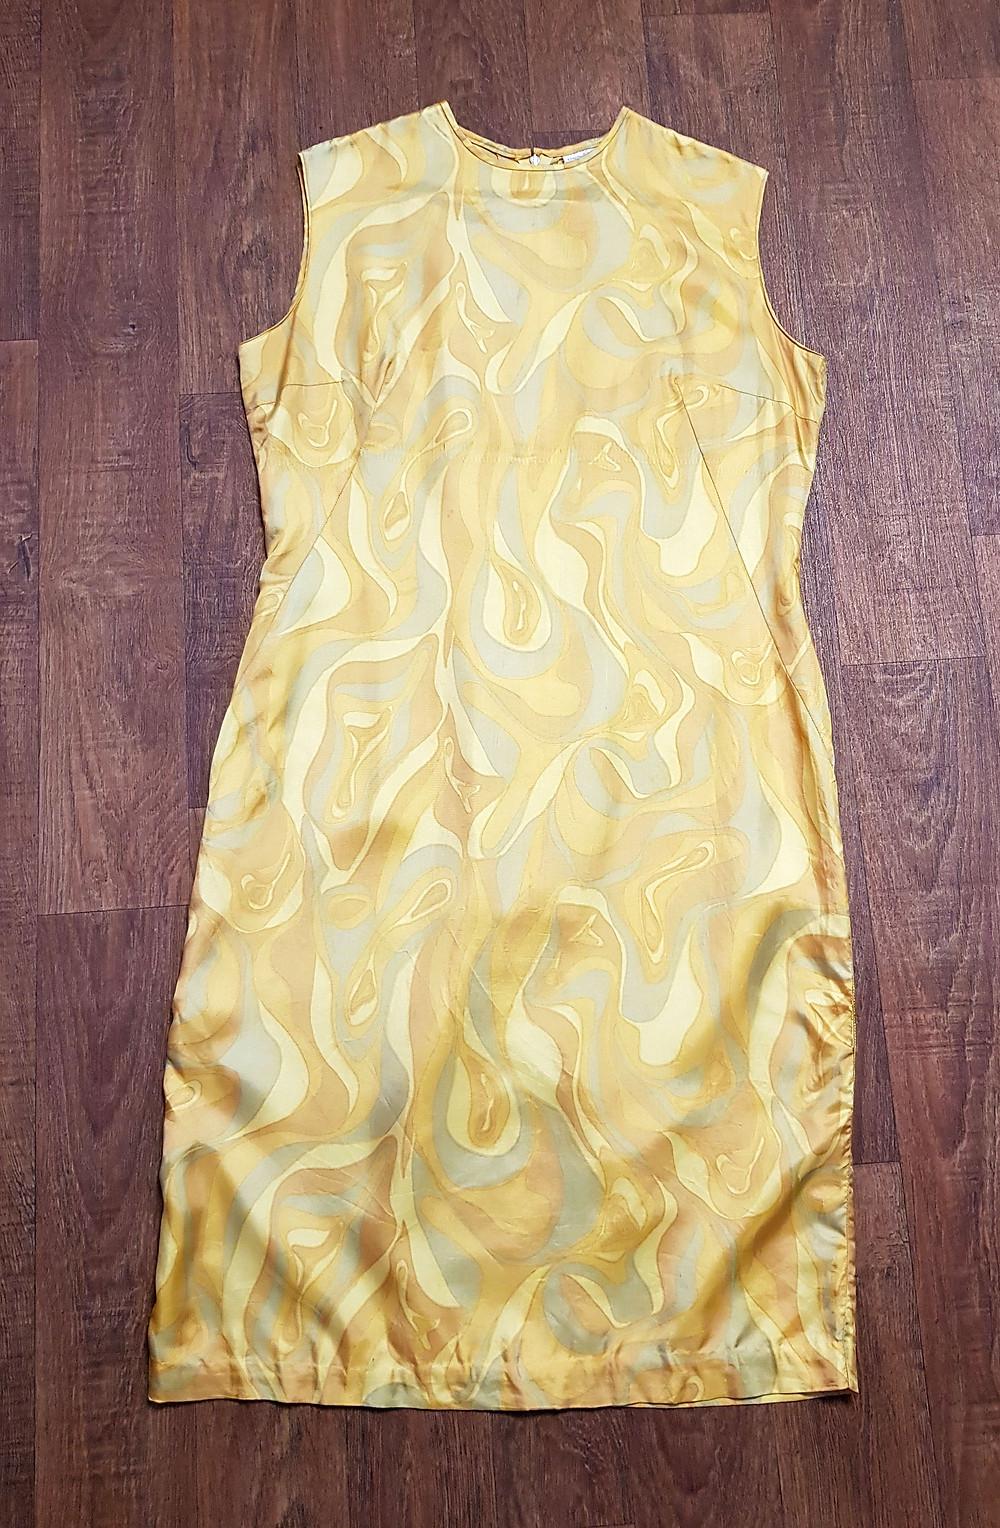 1960s Vintage Yellow Swirl Shift Dress UK Size 18